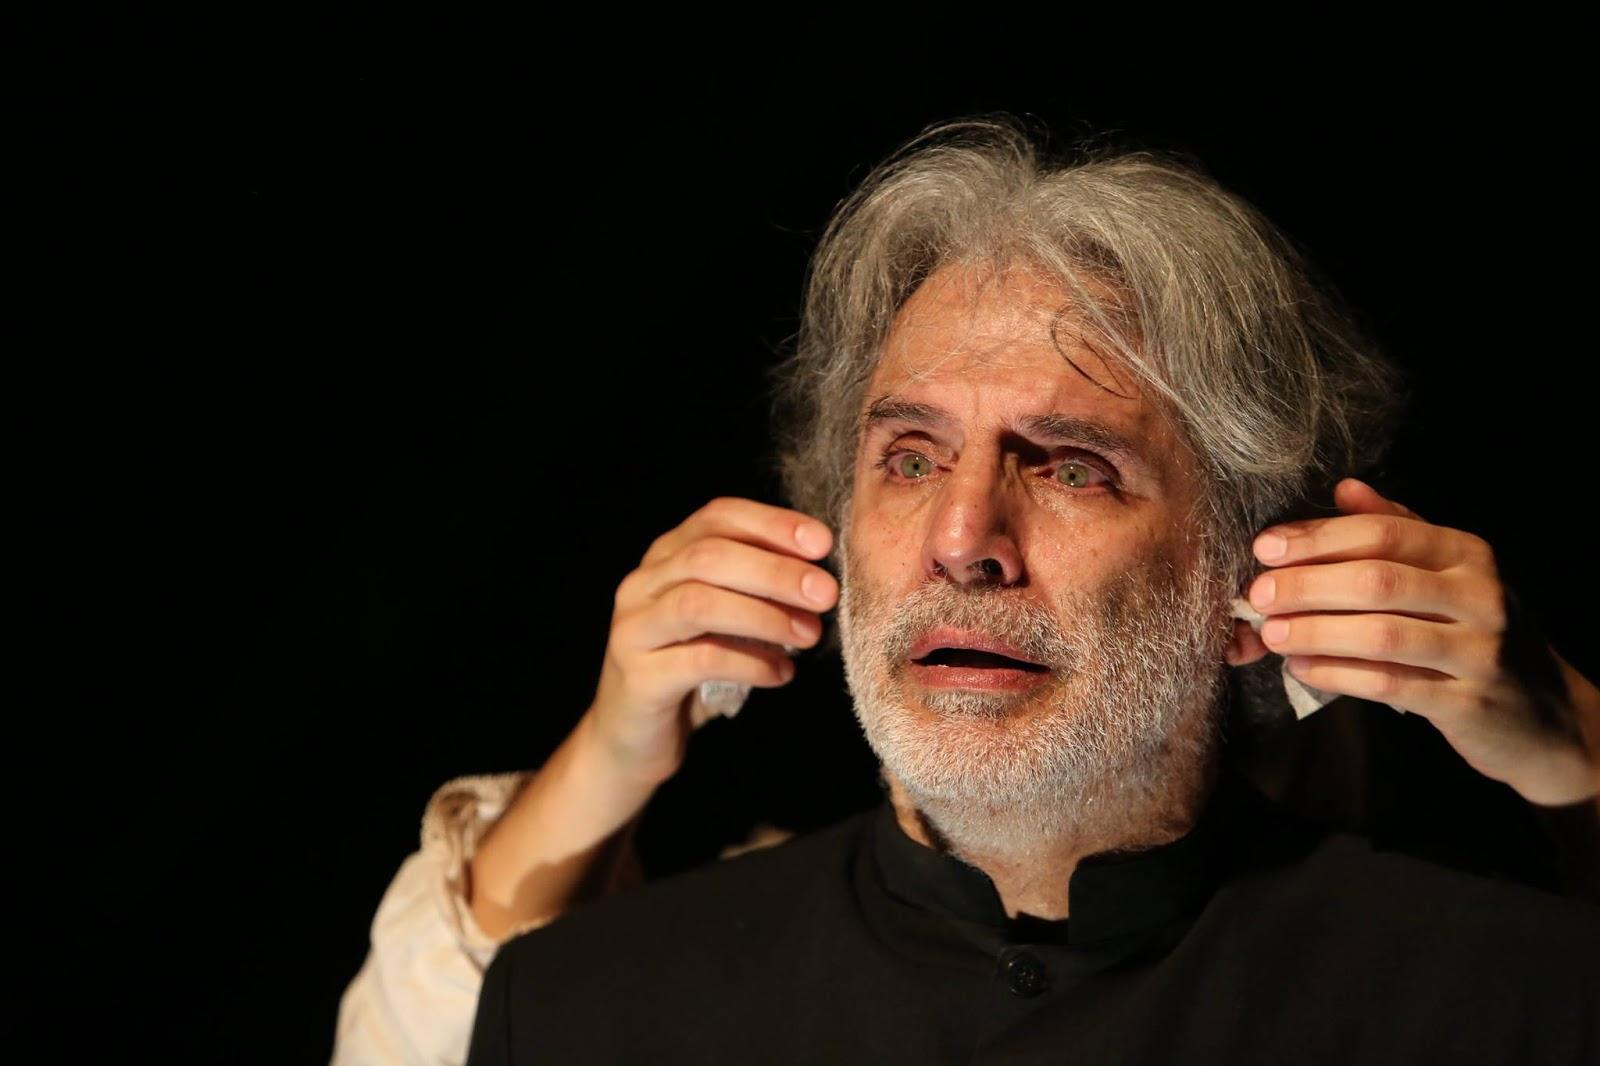 Έξι ερωτήσεις για τη «Θέληση» από τον σκηνοθέτη Cesar Brie στον ηθοποιό Δημήτρη Παπαβασιλείου